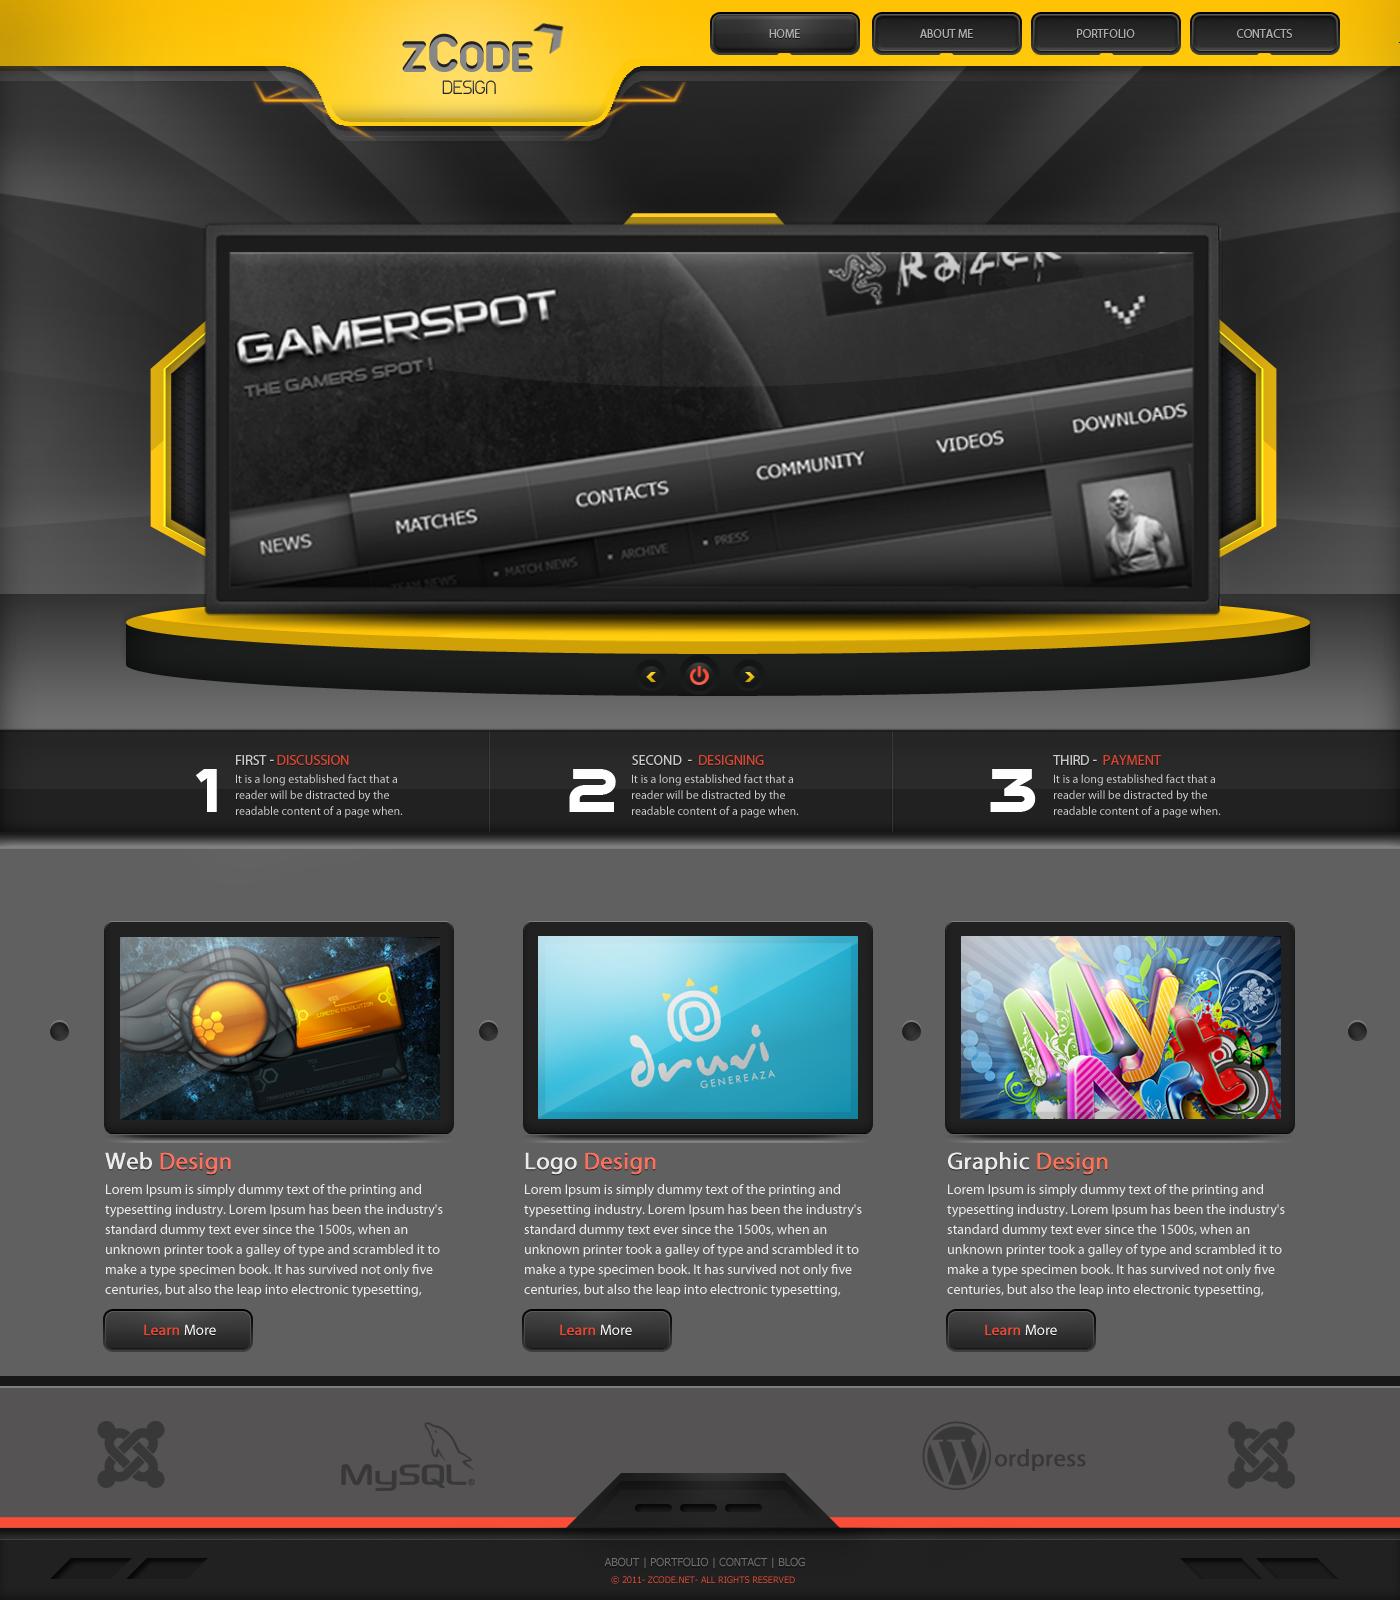 Webdesign Inspiration Web design inspiration, Web design